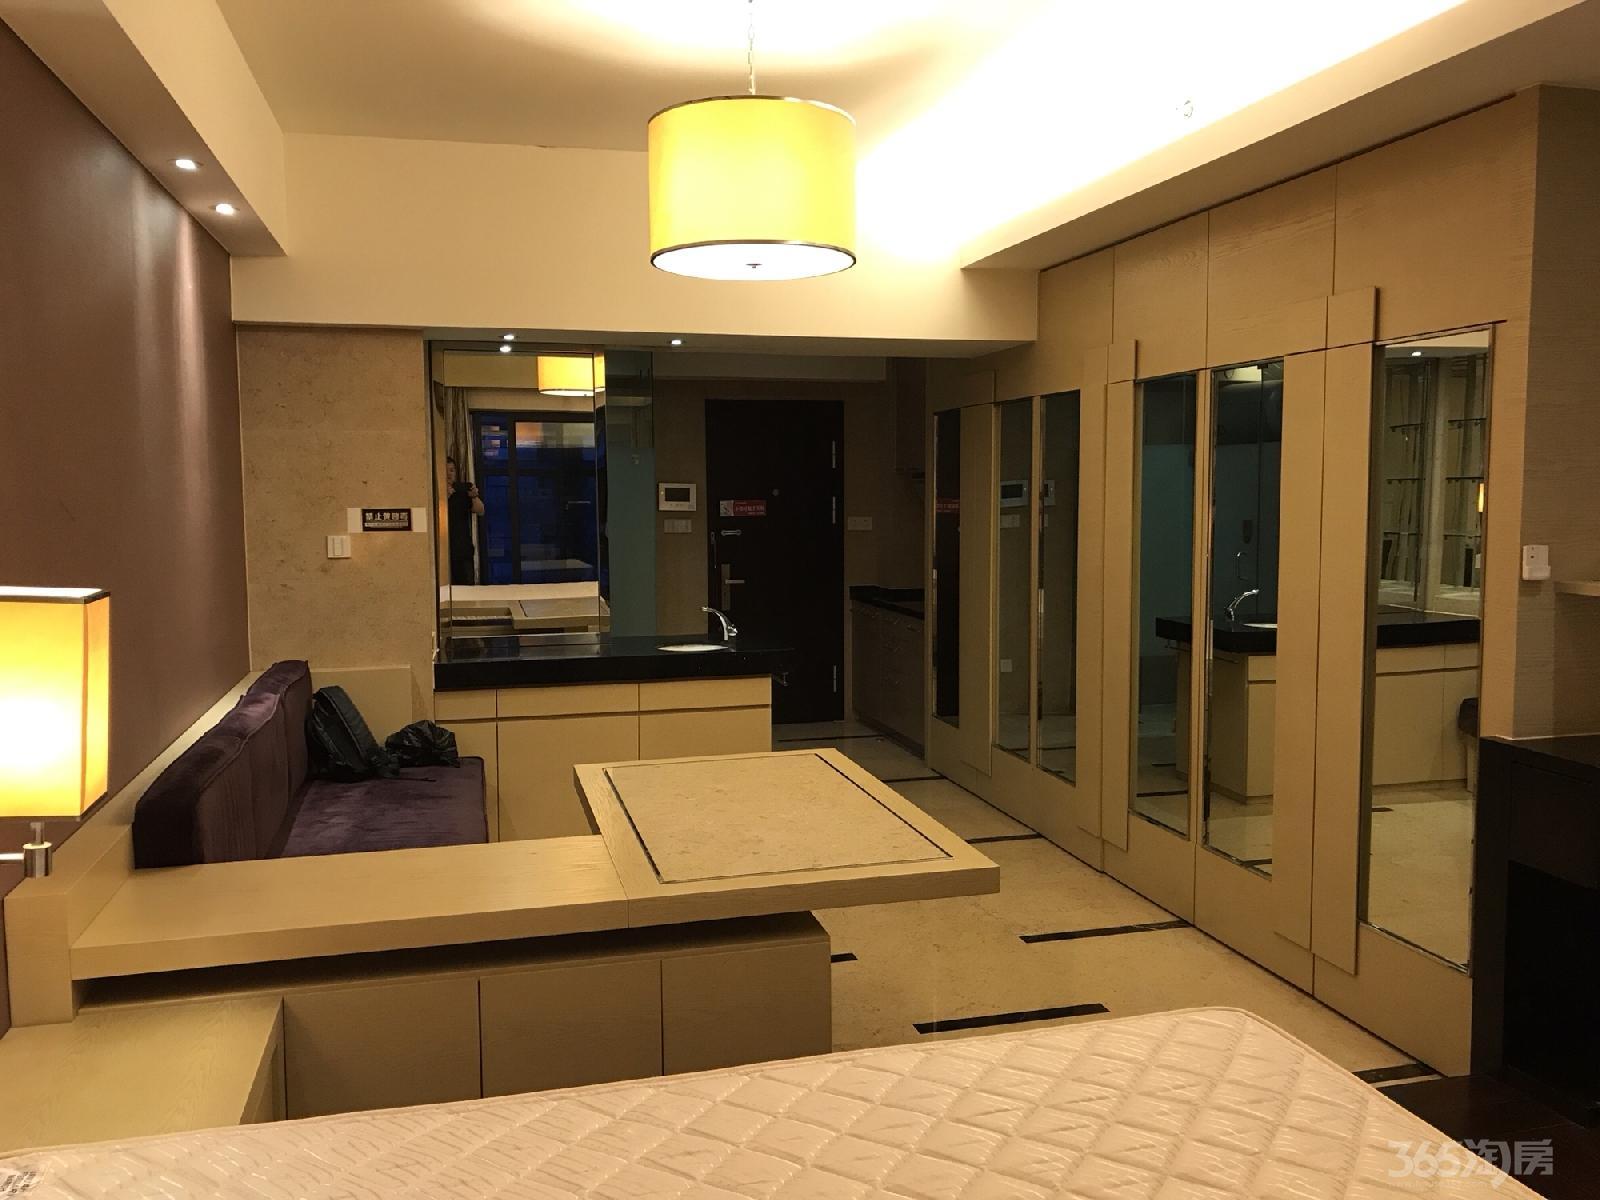 东和时代1室1厅1卫55平米整租精装